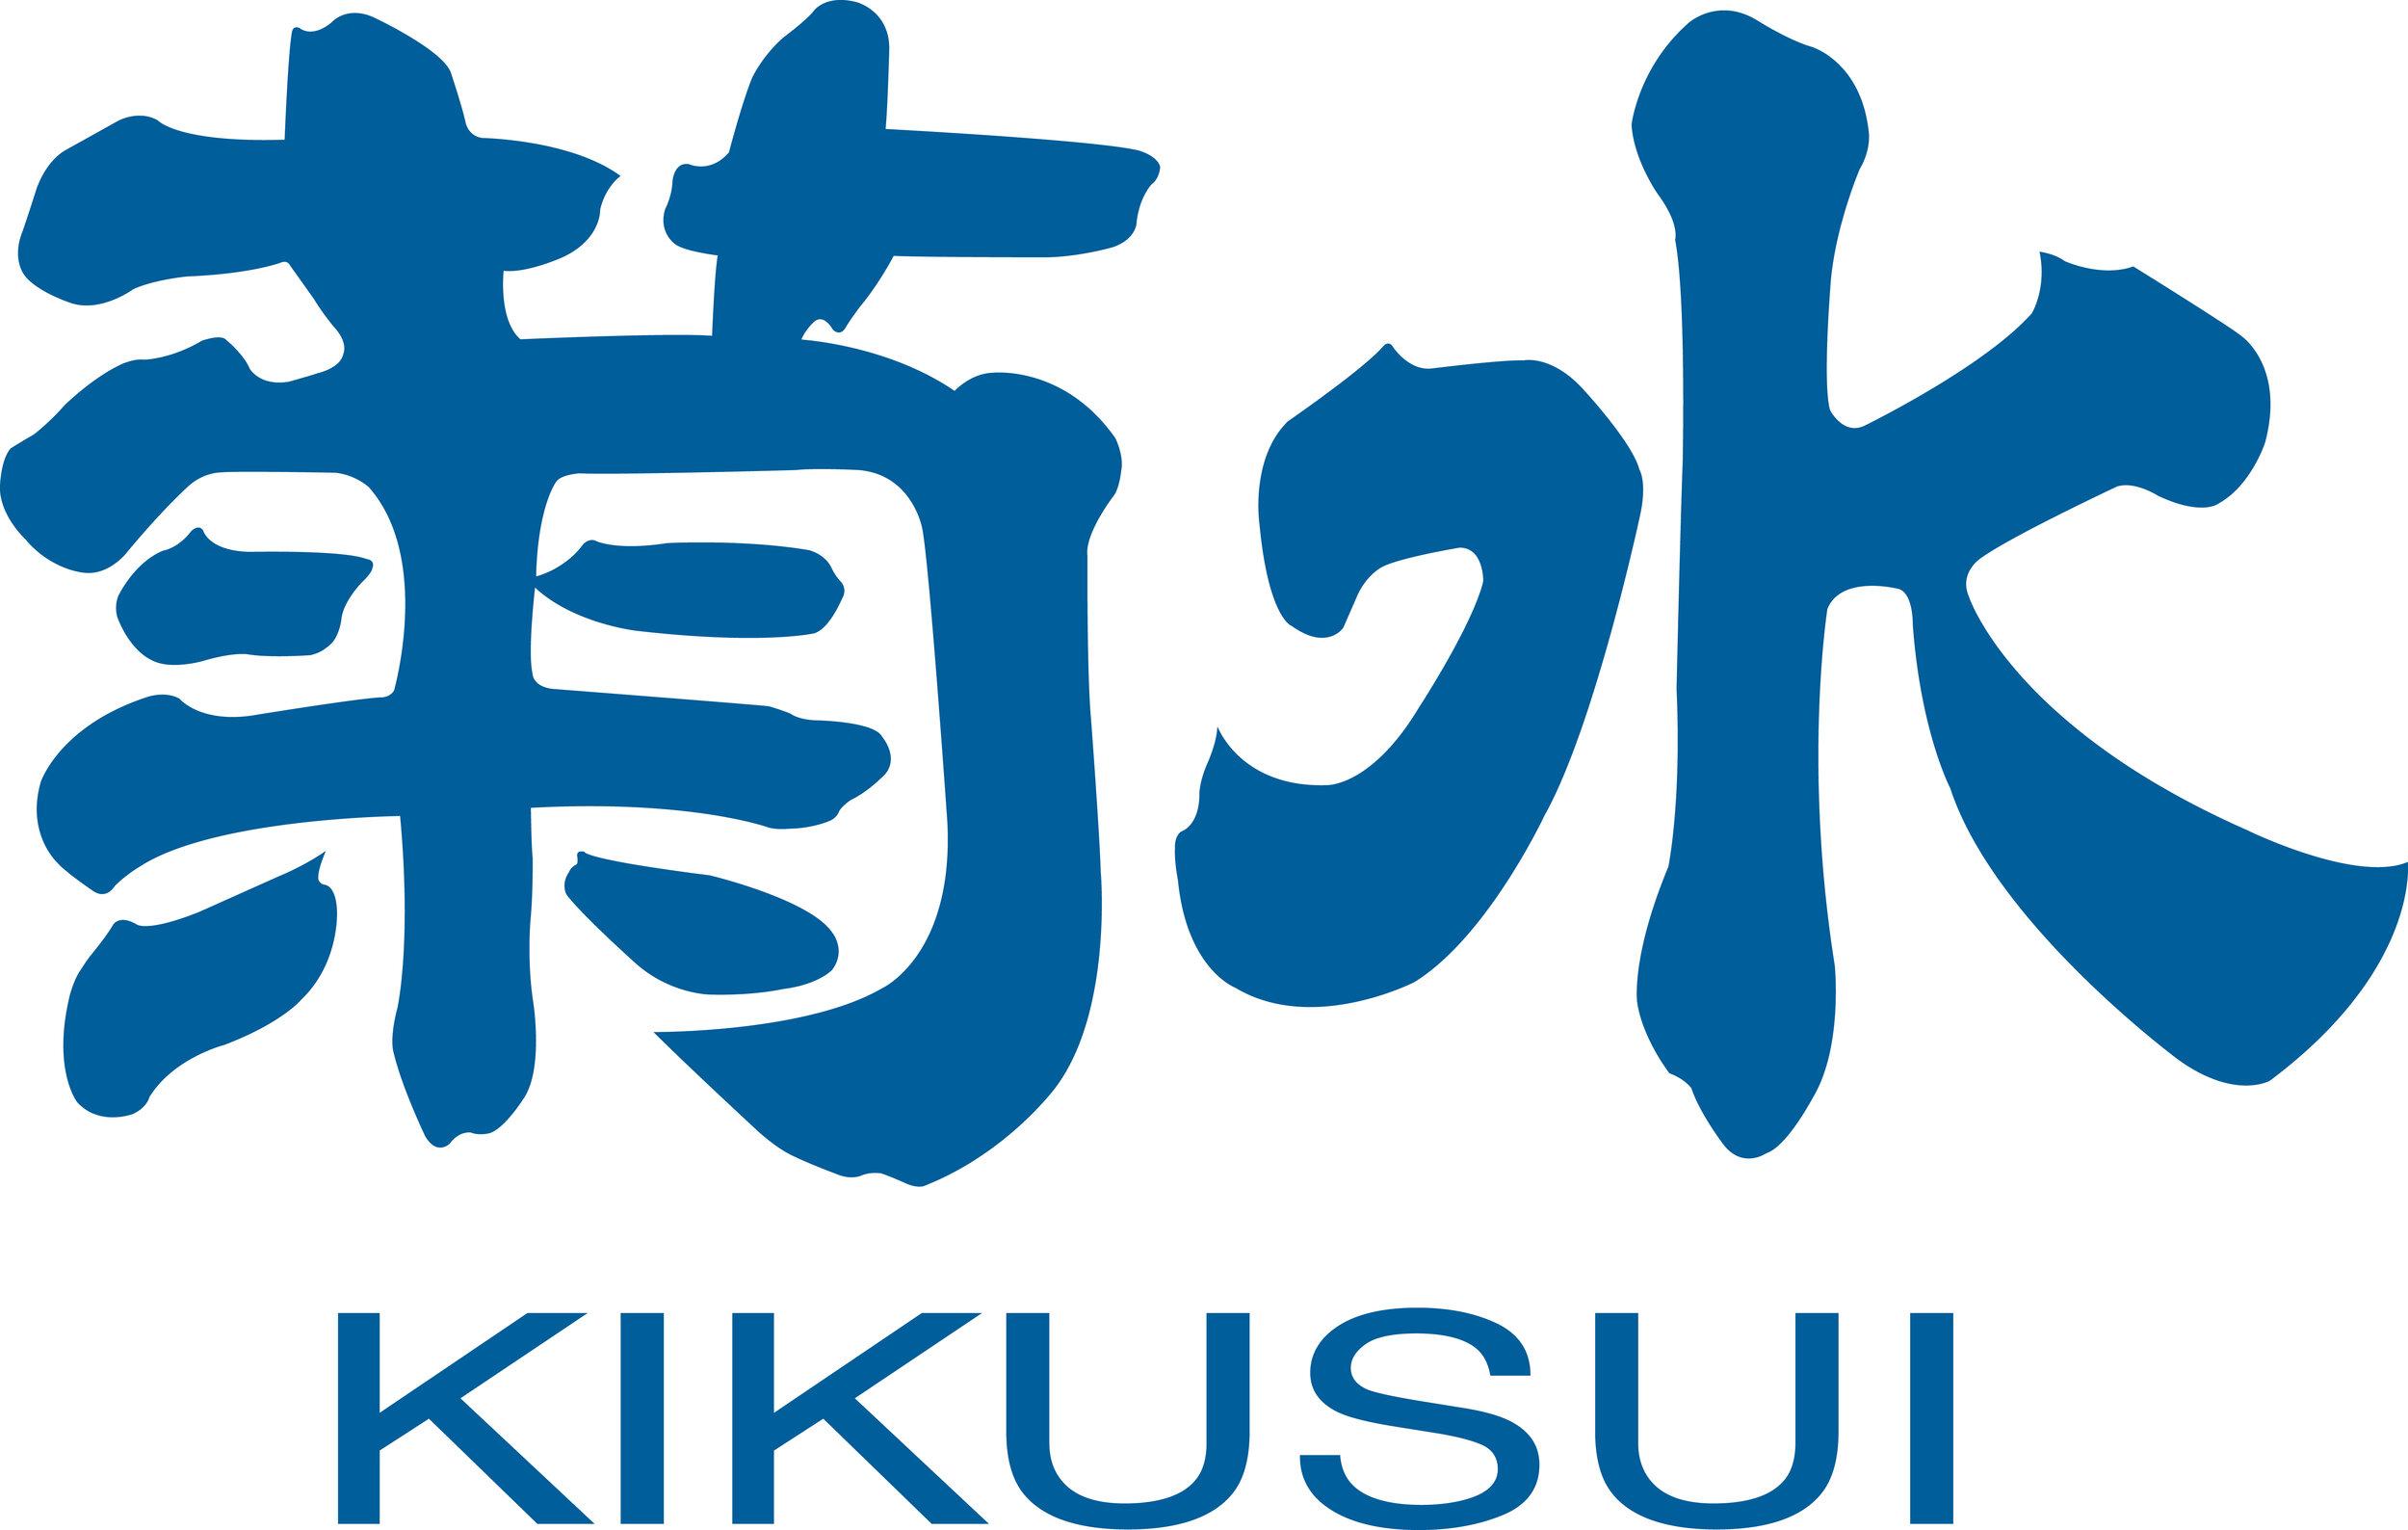 2019 NY Bev Logo - Kikusui.jpg